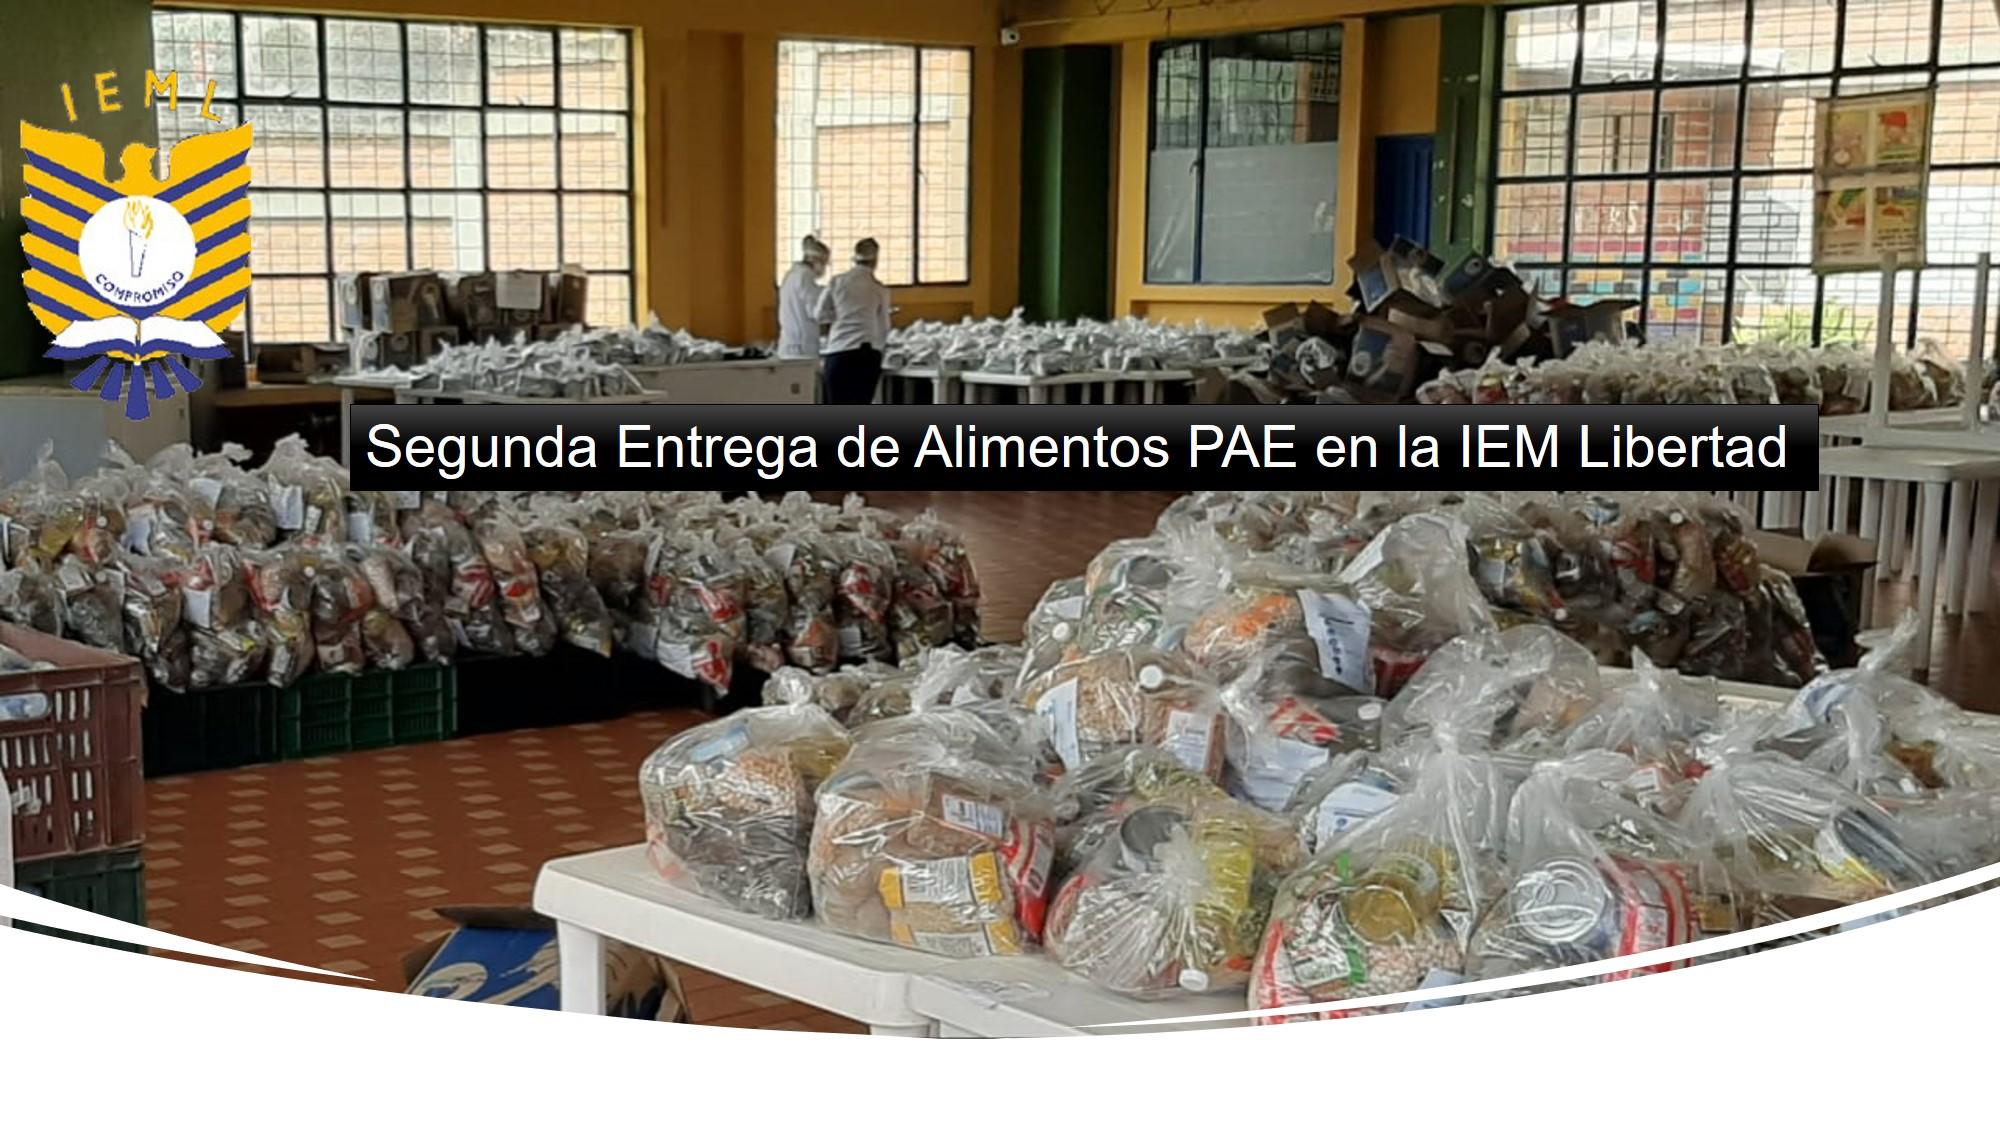 Segunda Entrega de Alimentos PAE en la IEM Libertad